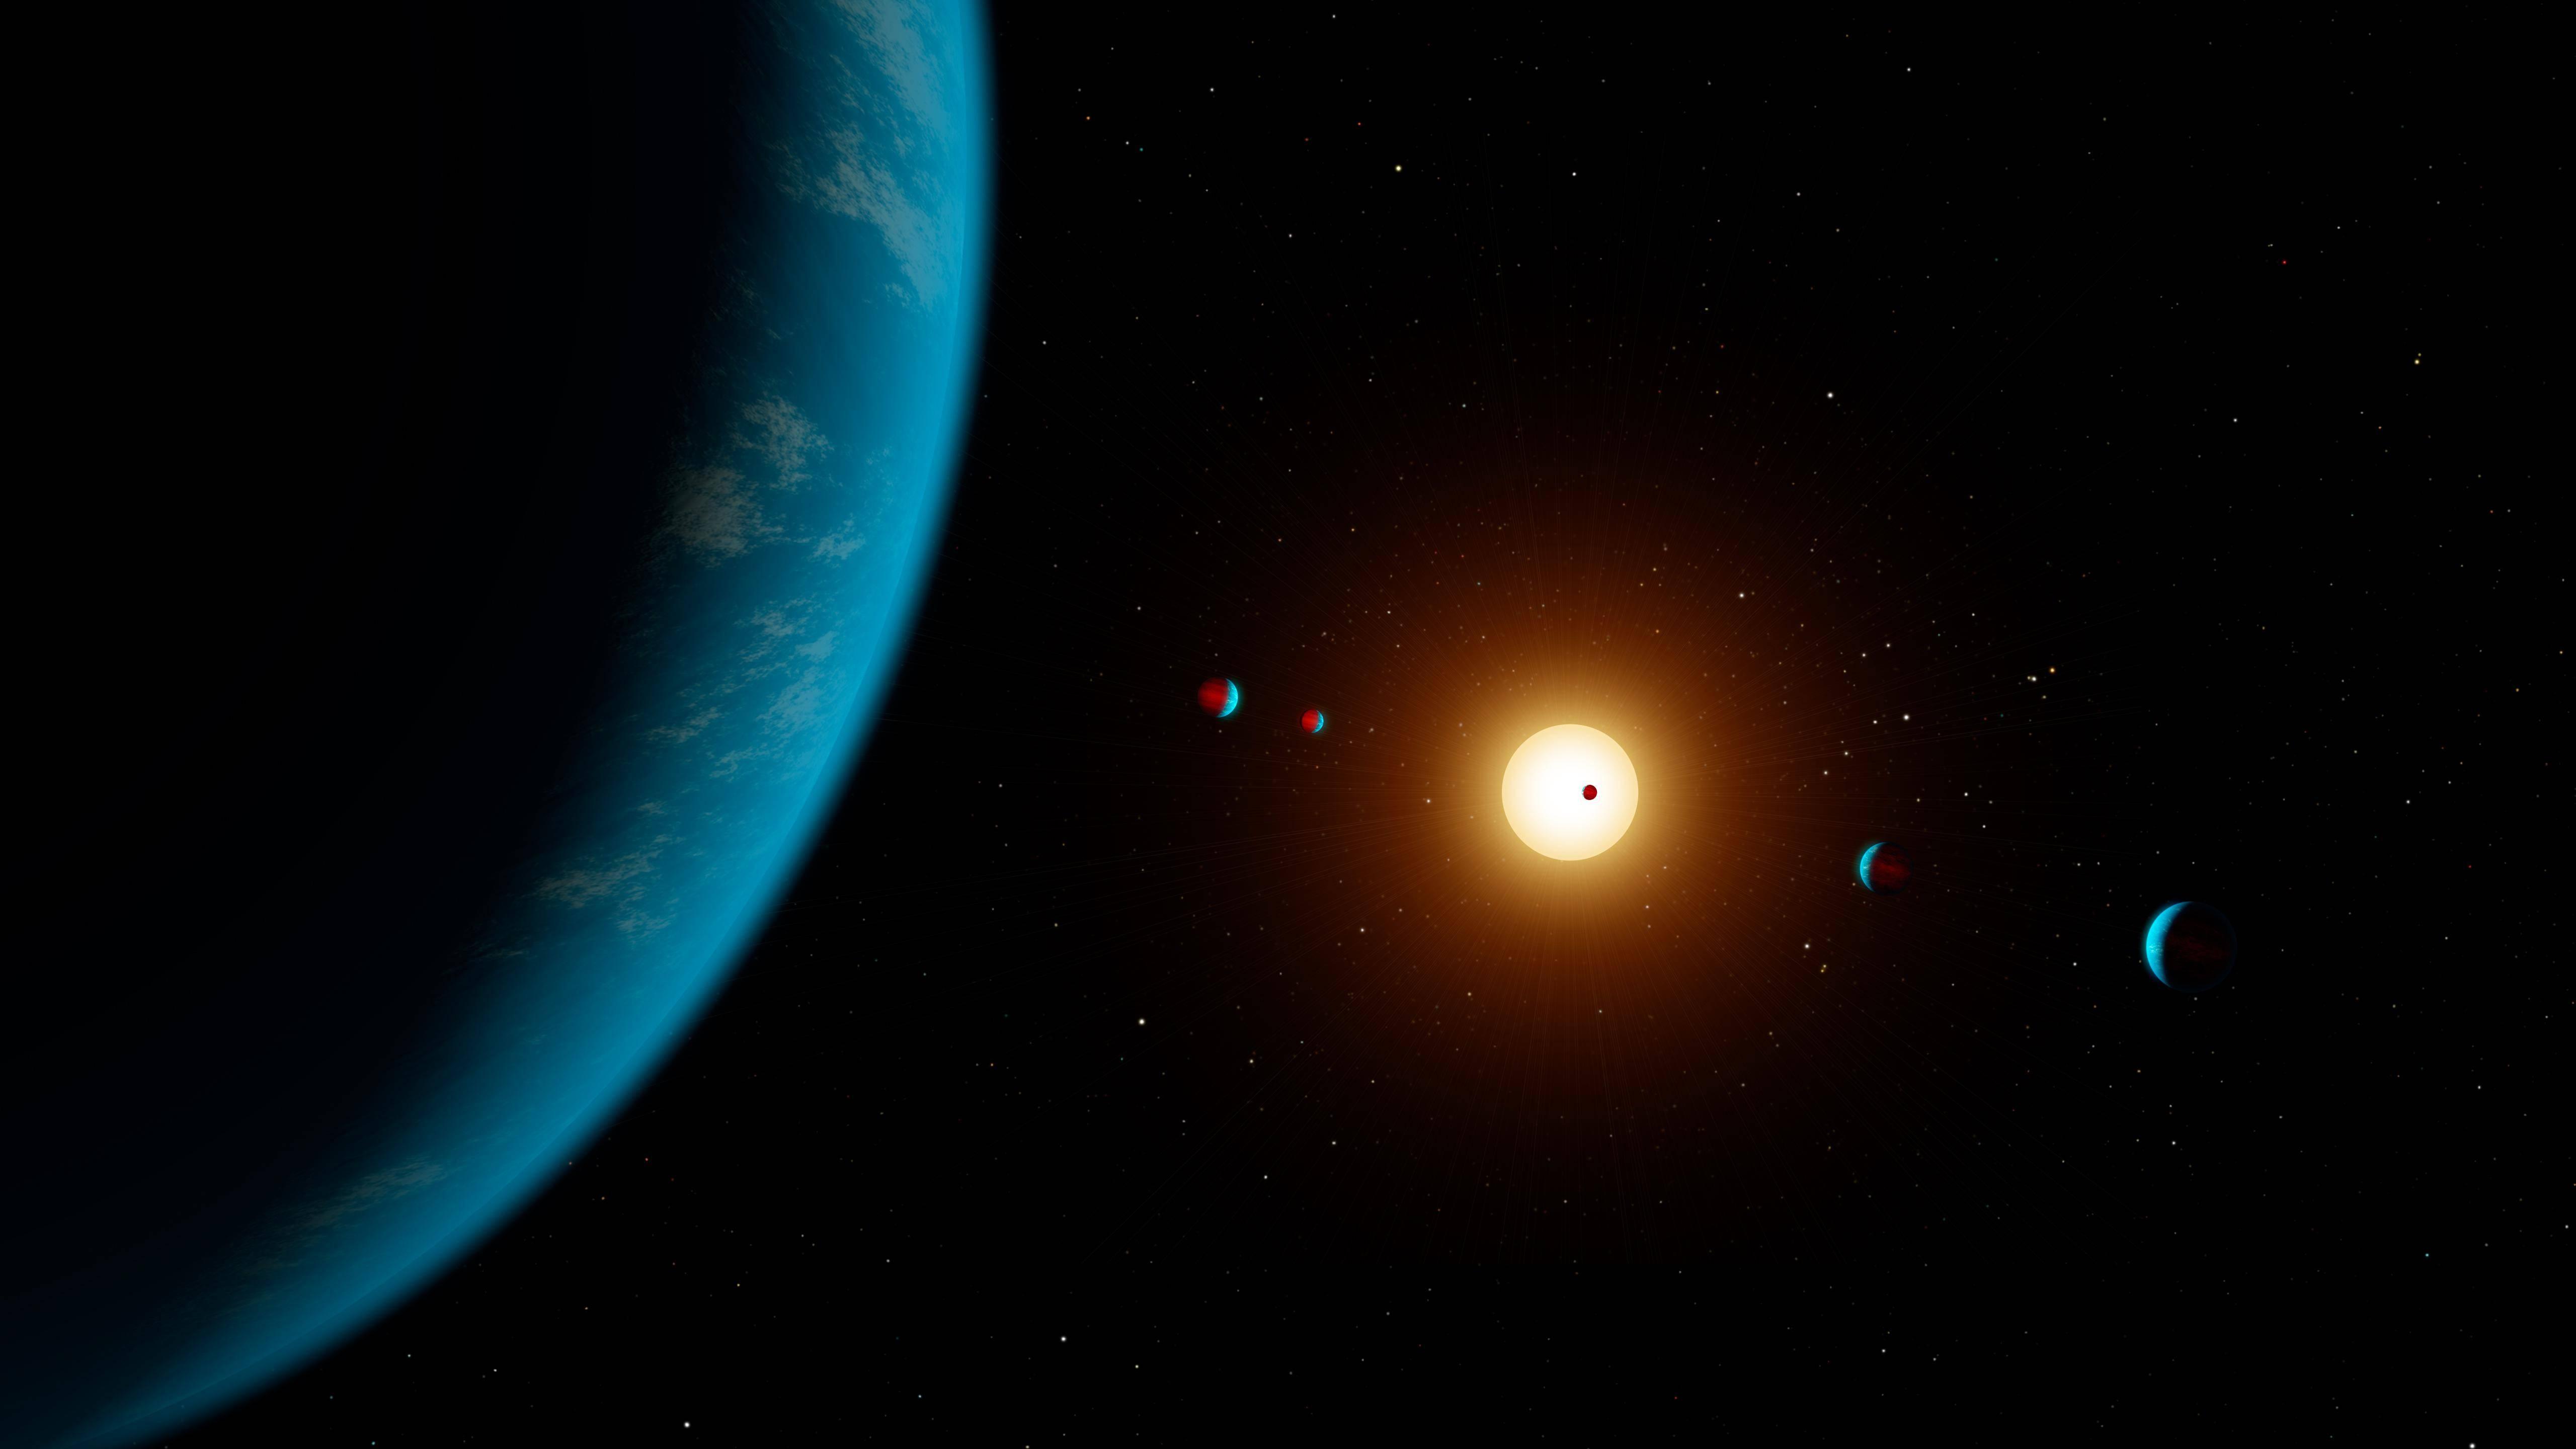 No existe posibilidad alguna de que planetas similares a la Tierra alberguen vida si orbitan estrellas muy jóvenes